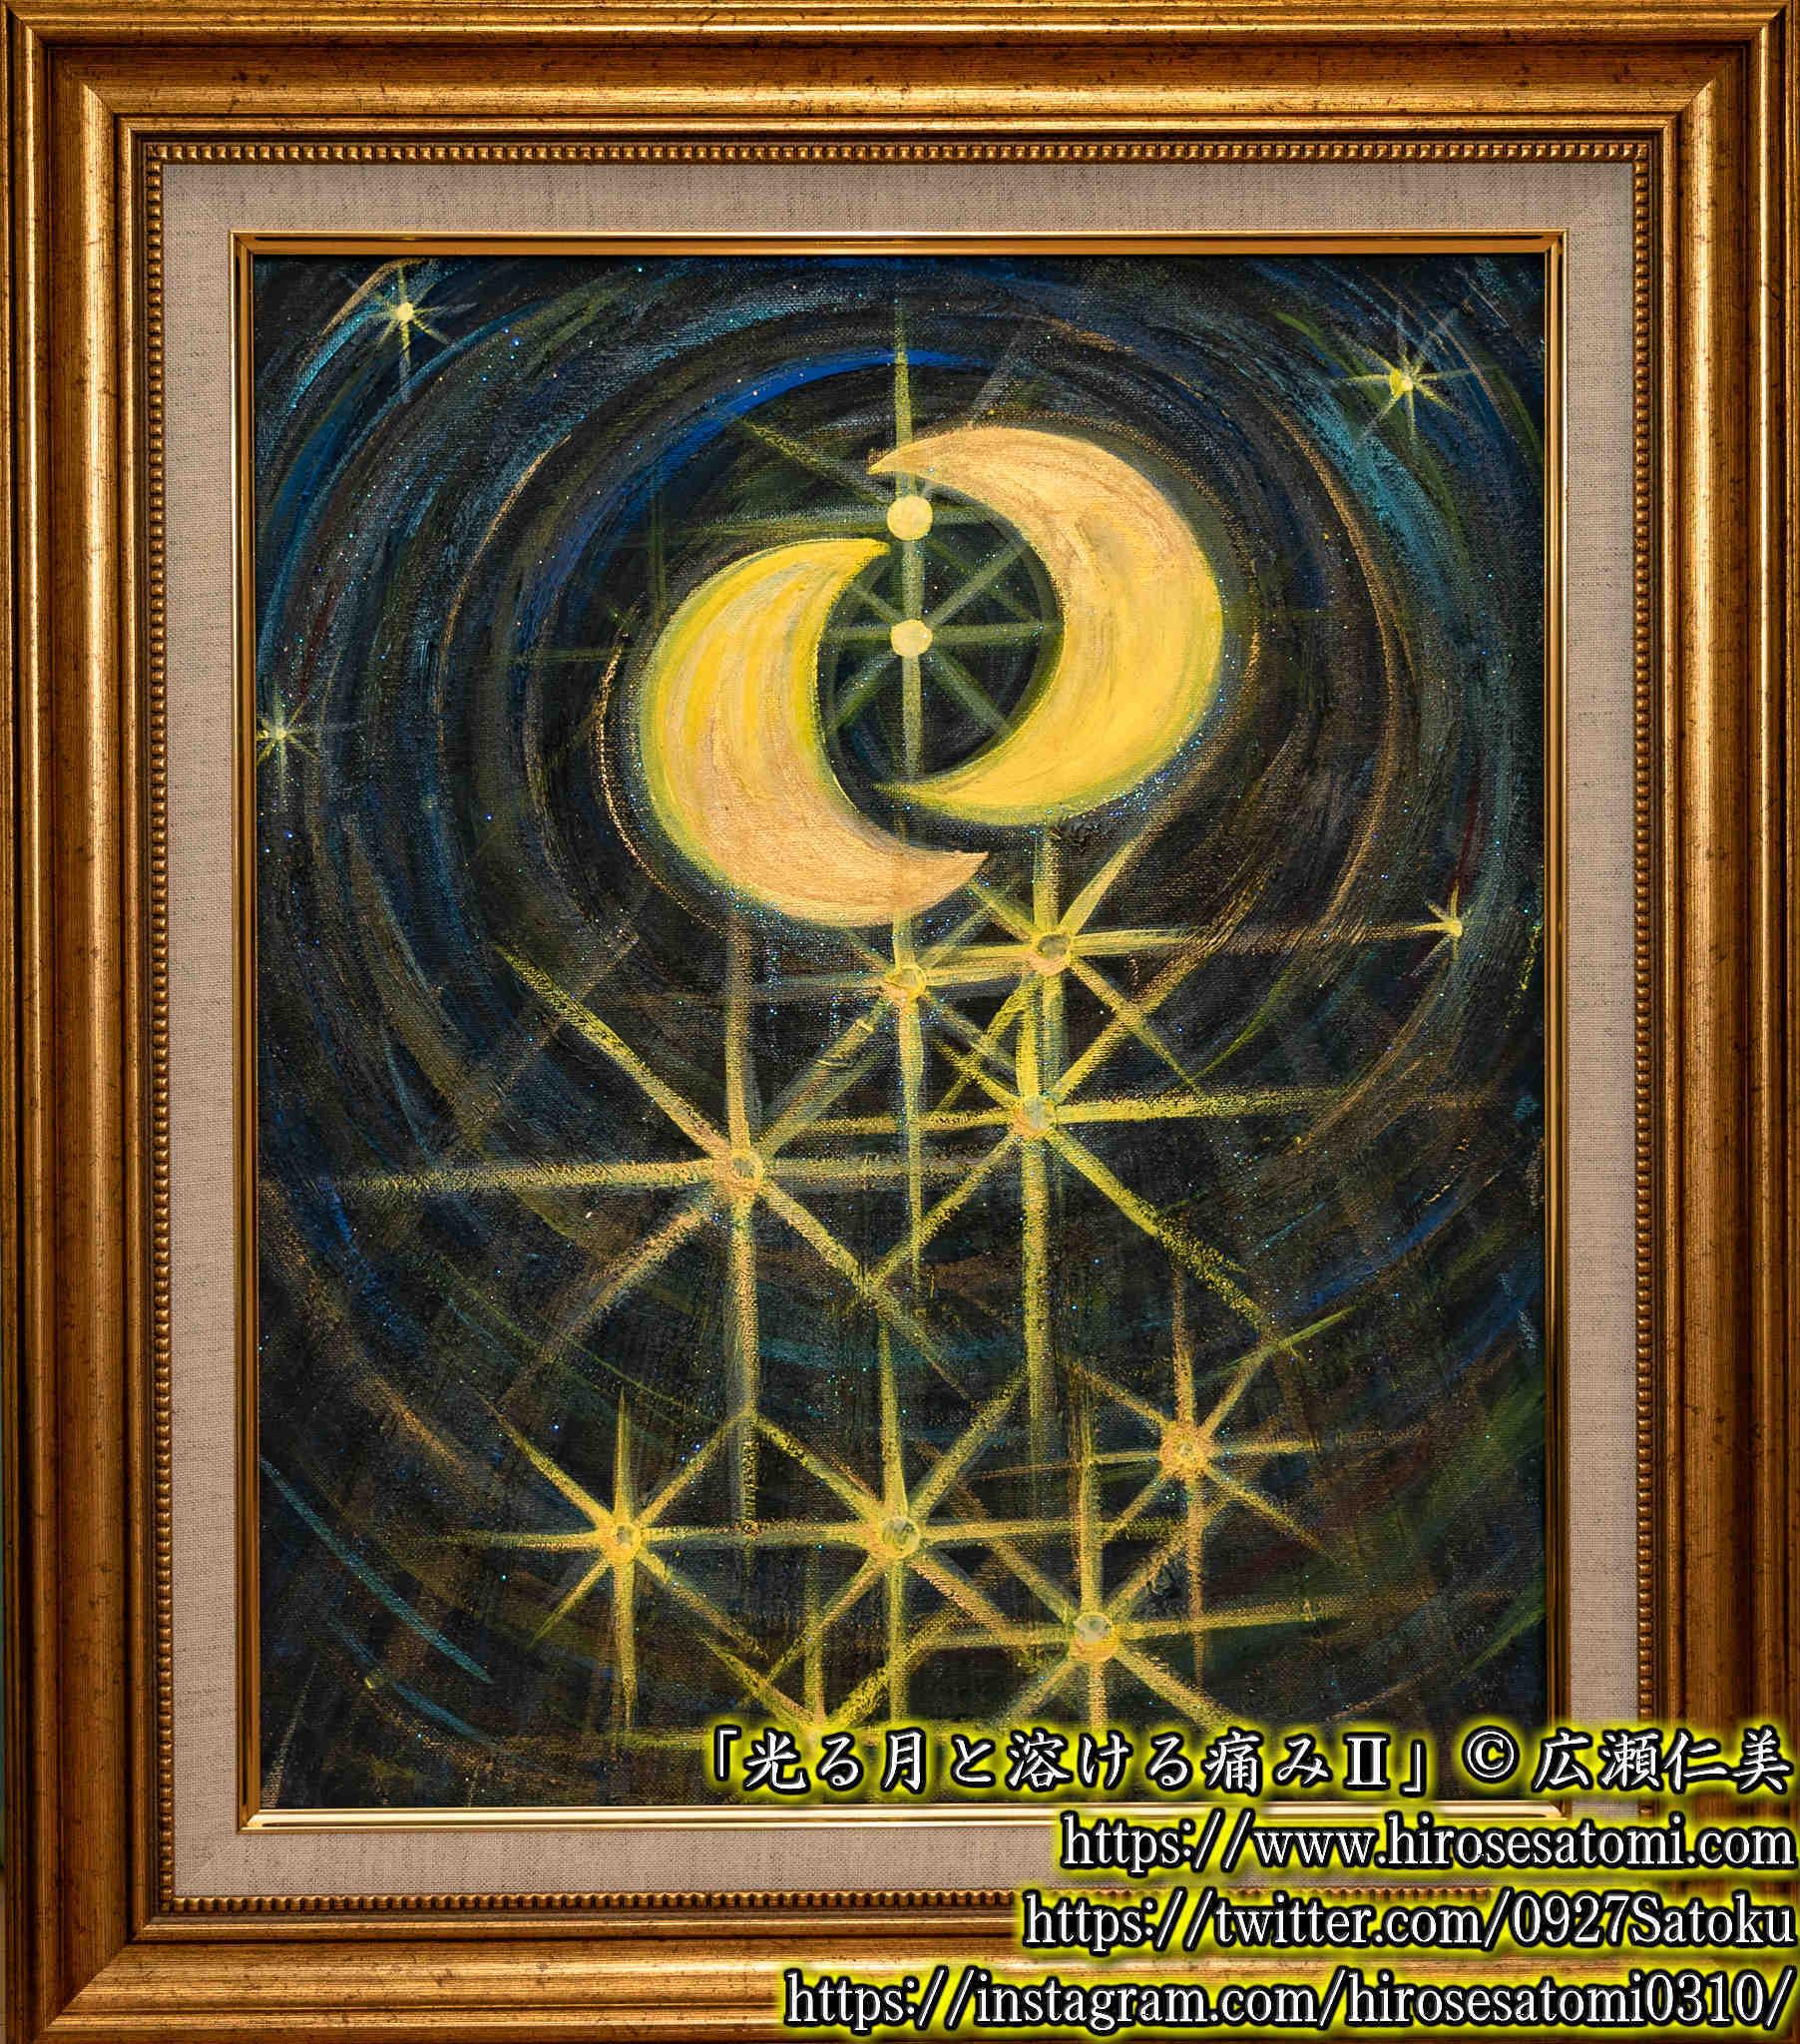 『 光る月と溶ける痛みⅡ 』(蓄光)